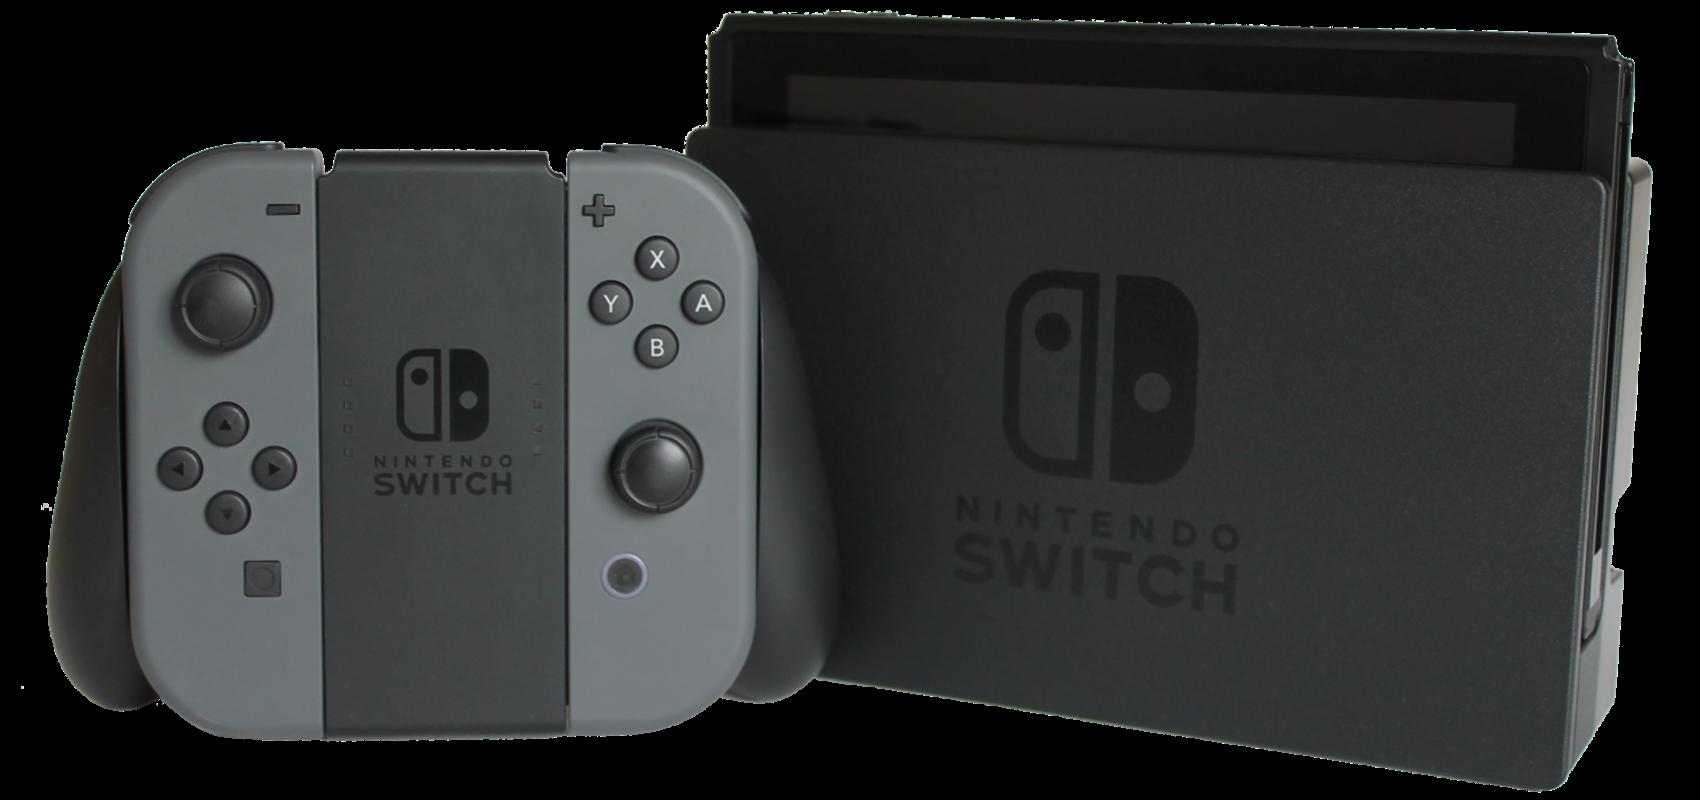 Come resettare Nintendo Switch senza perdere i salvataggi